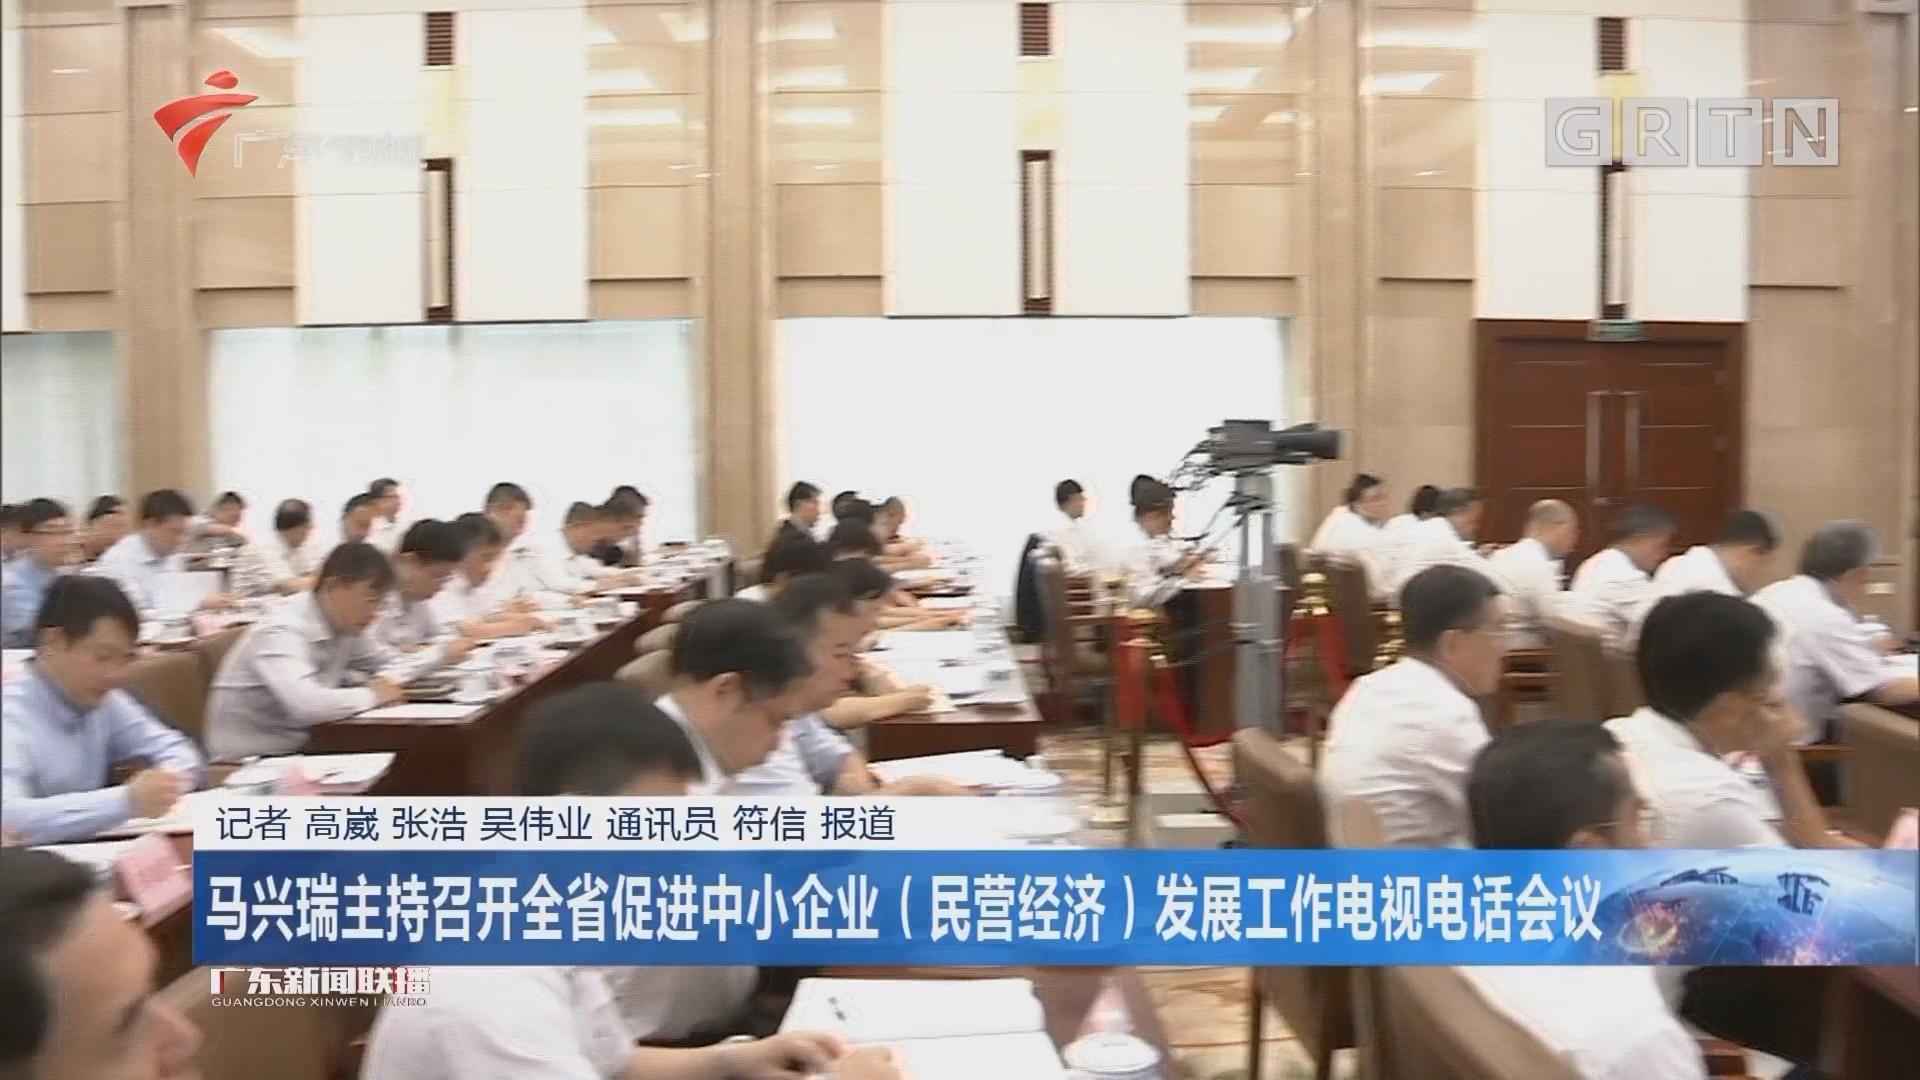 马兴瑞主持召开全省促进中小企业(民营经济)发展工作电视电话会议